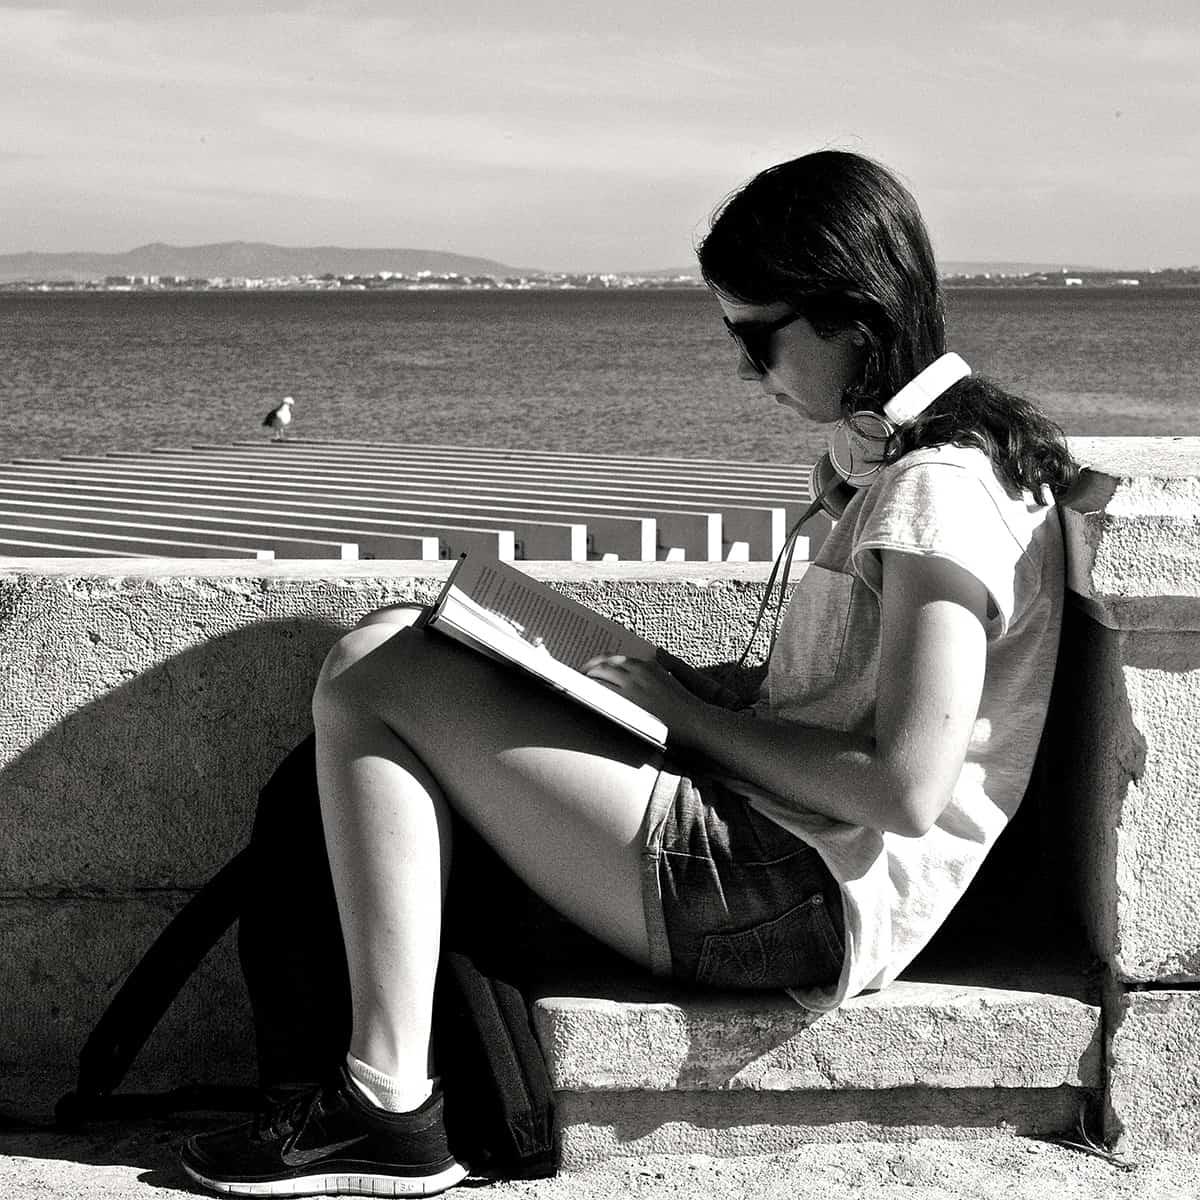 Lee frecuentemente, especialmente ficción, y se más empático, más curioso y mejor relator